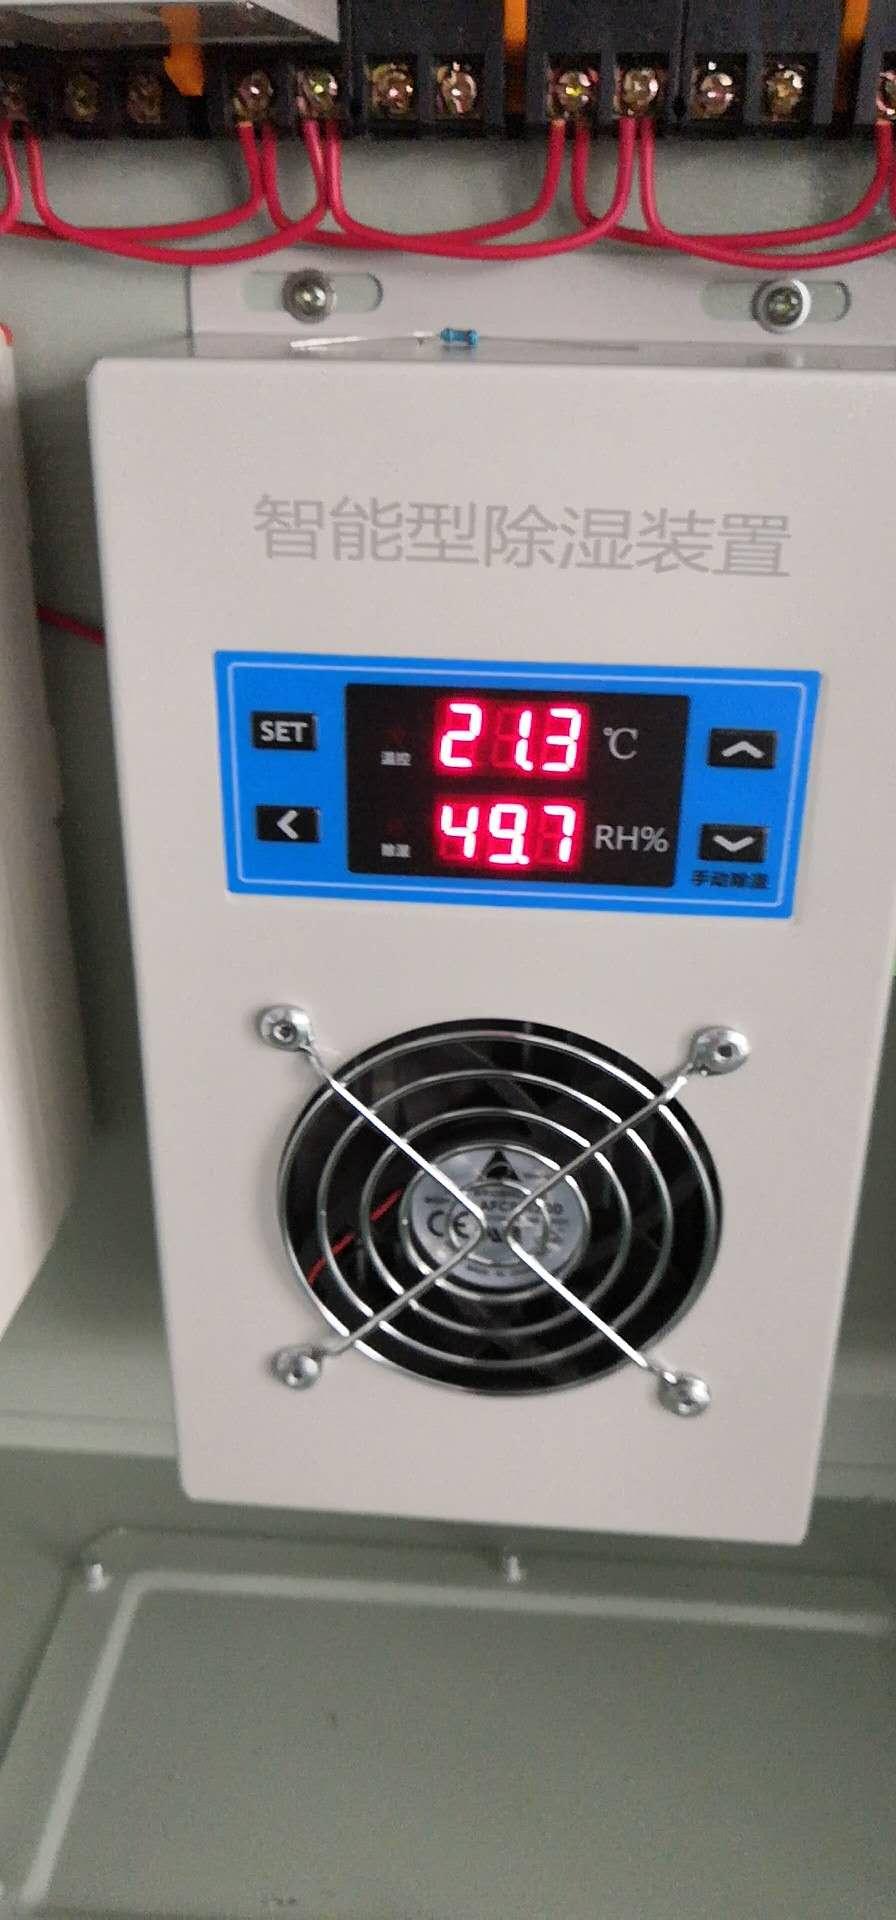 东明E5CN-Y2HBT温控器(数字调节仪)基础型报价